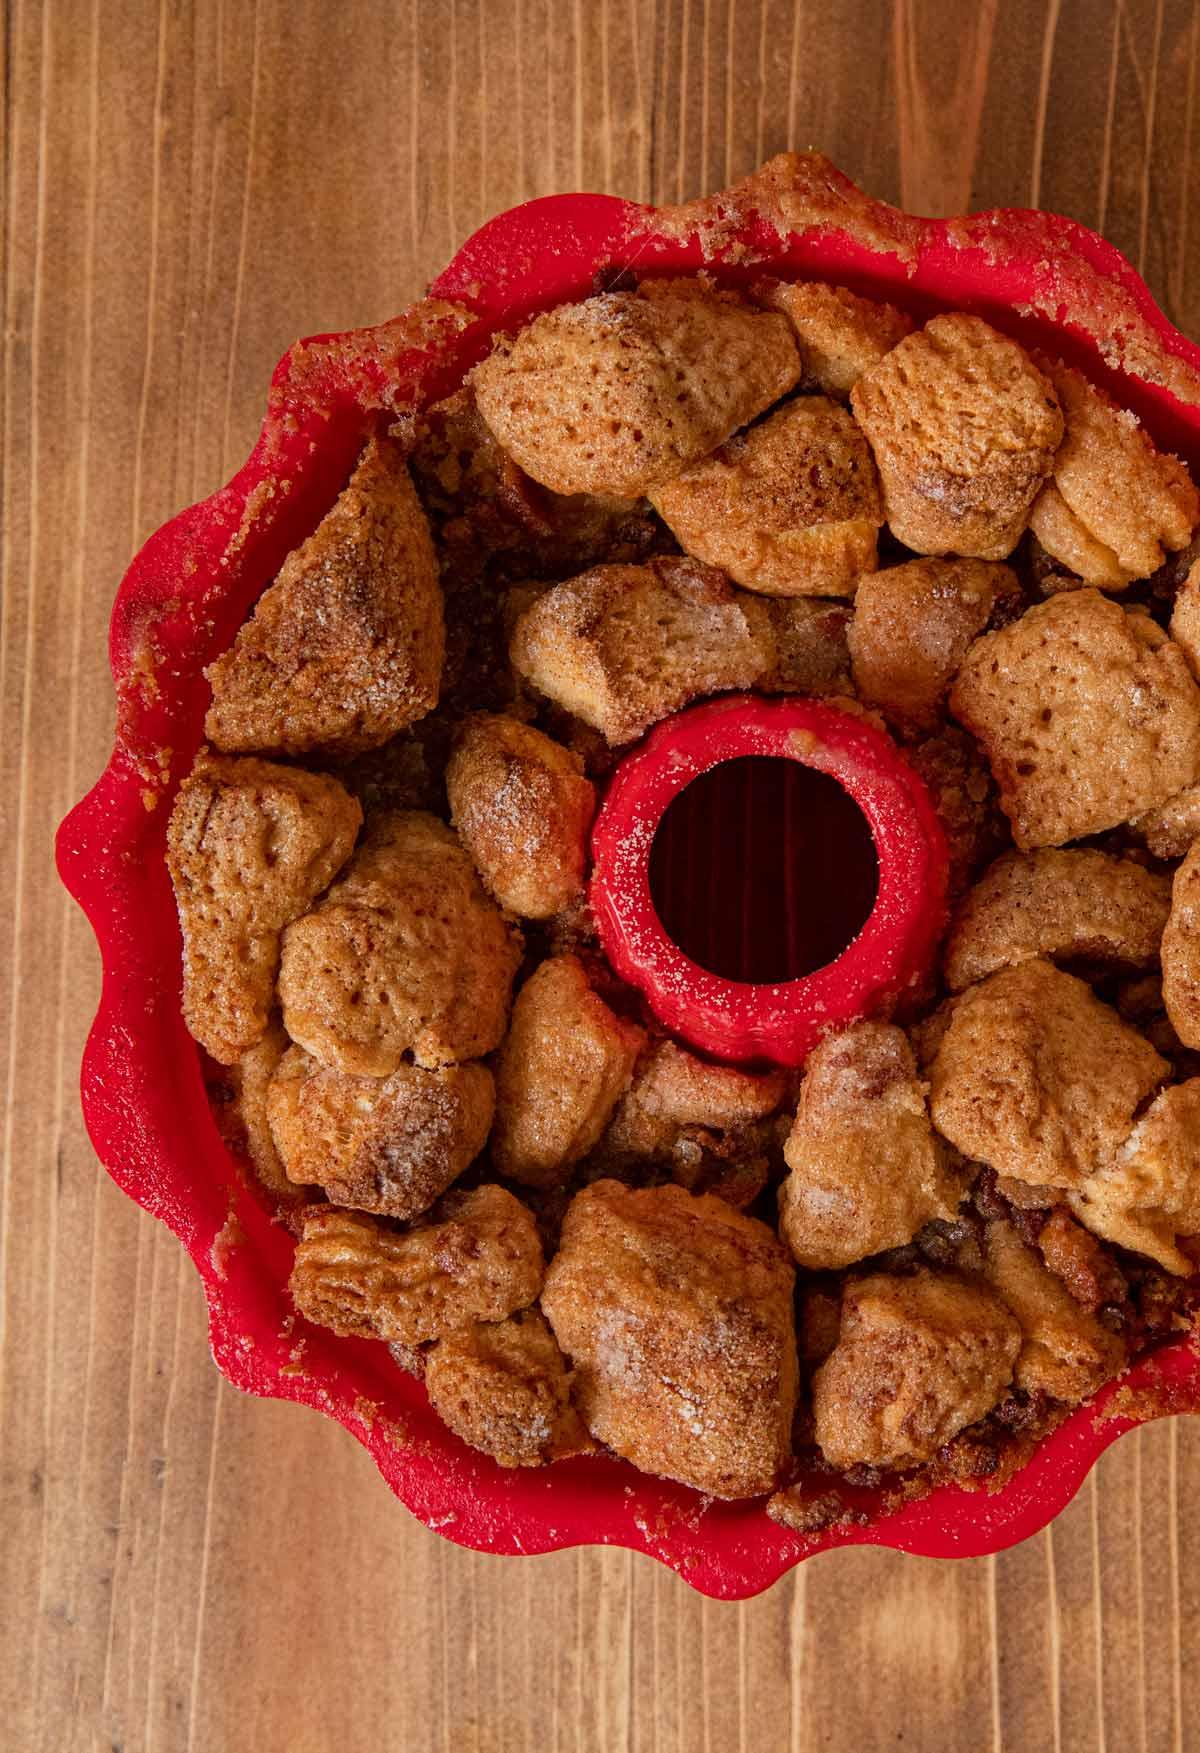 Maple Bacon Monkey Bread in silicon bundt pan